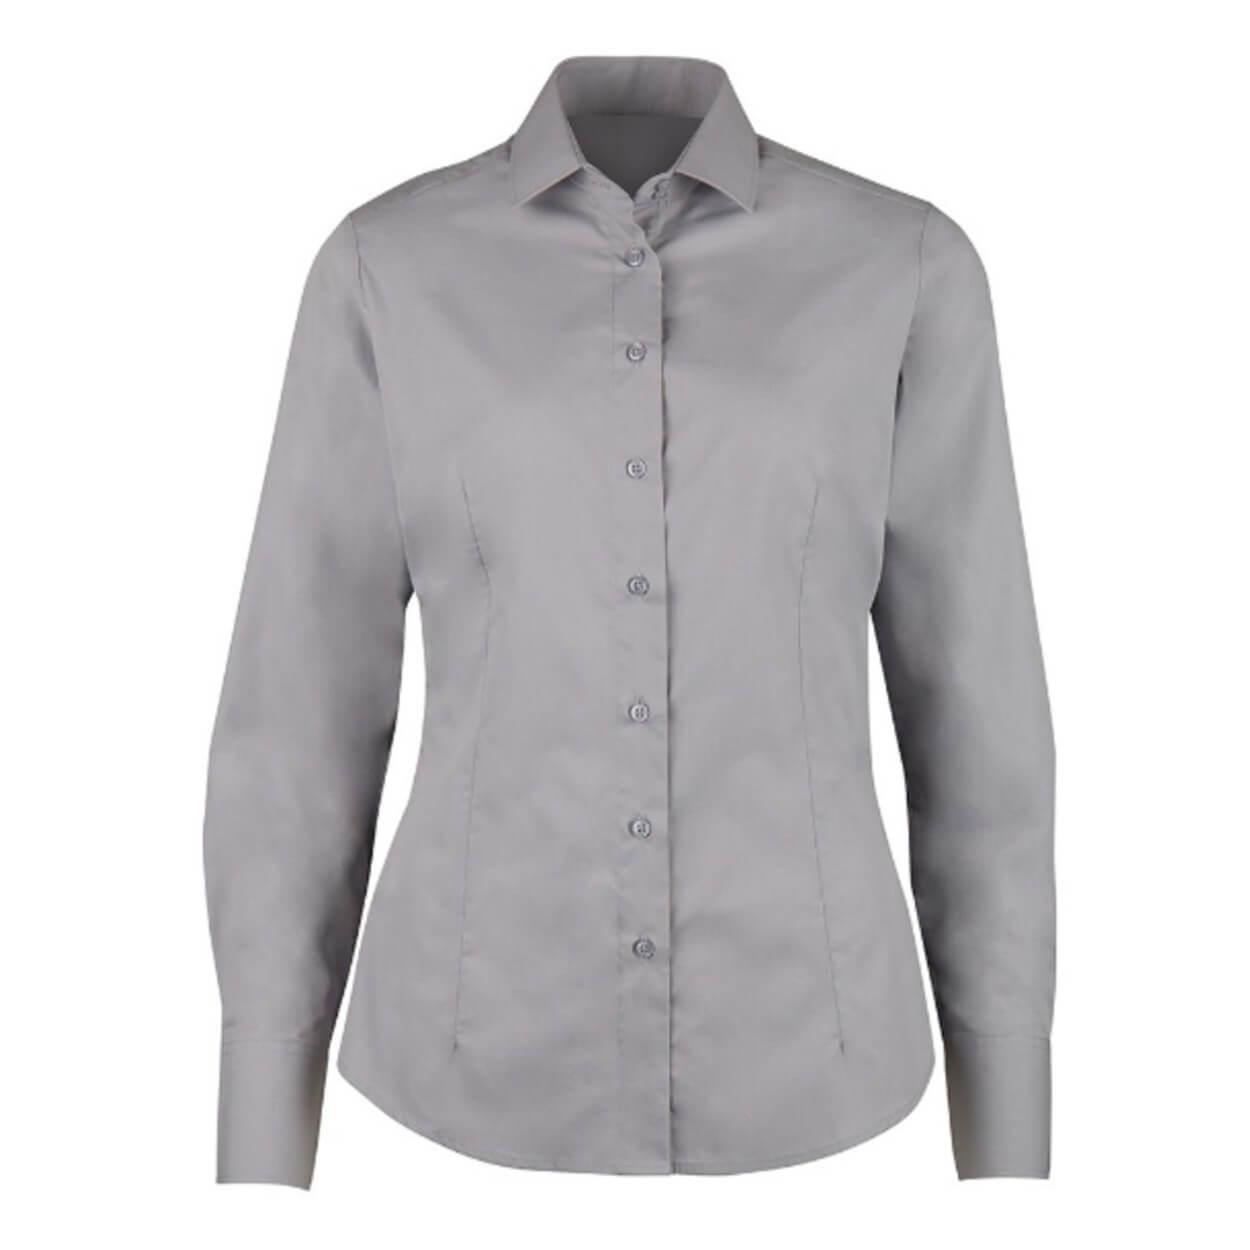 Γυναικείο μοντέρνο μακρυμάνικο πουκάμισο